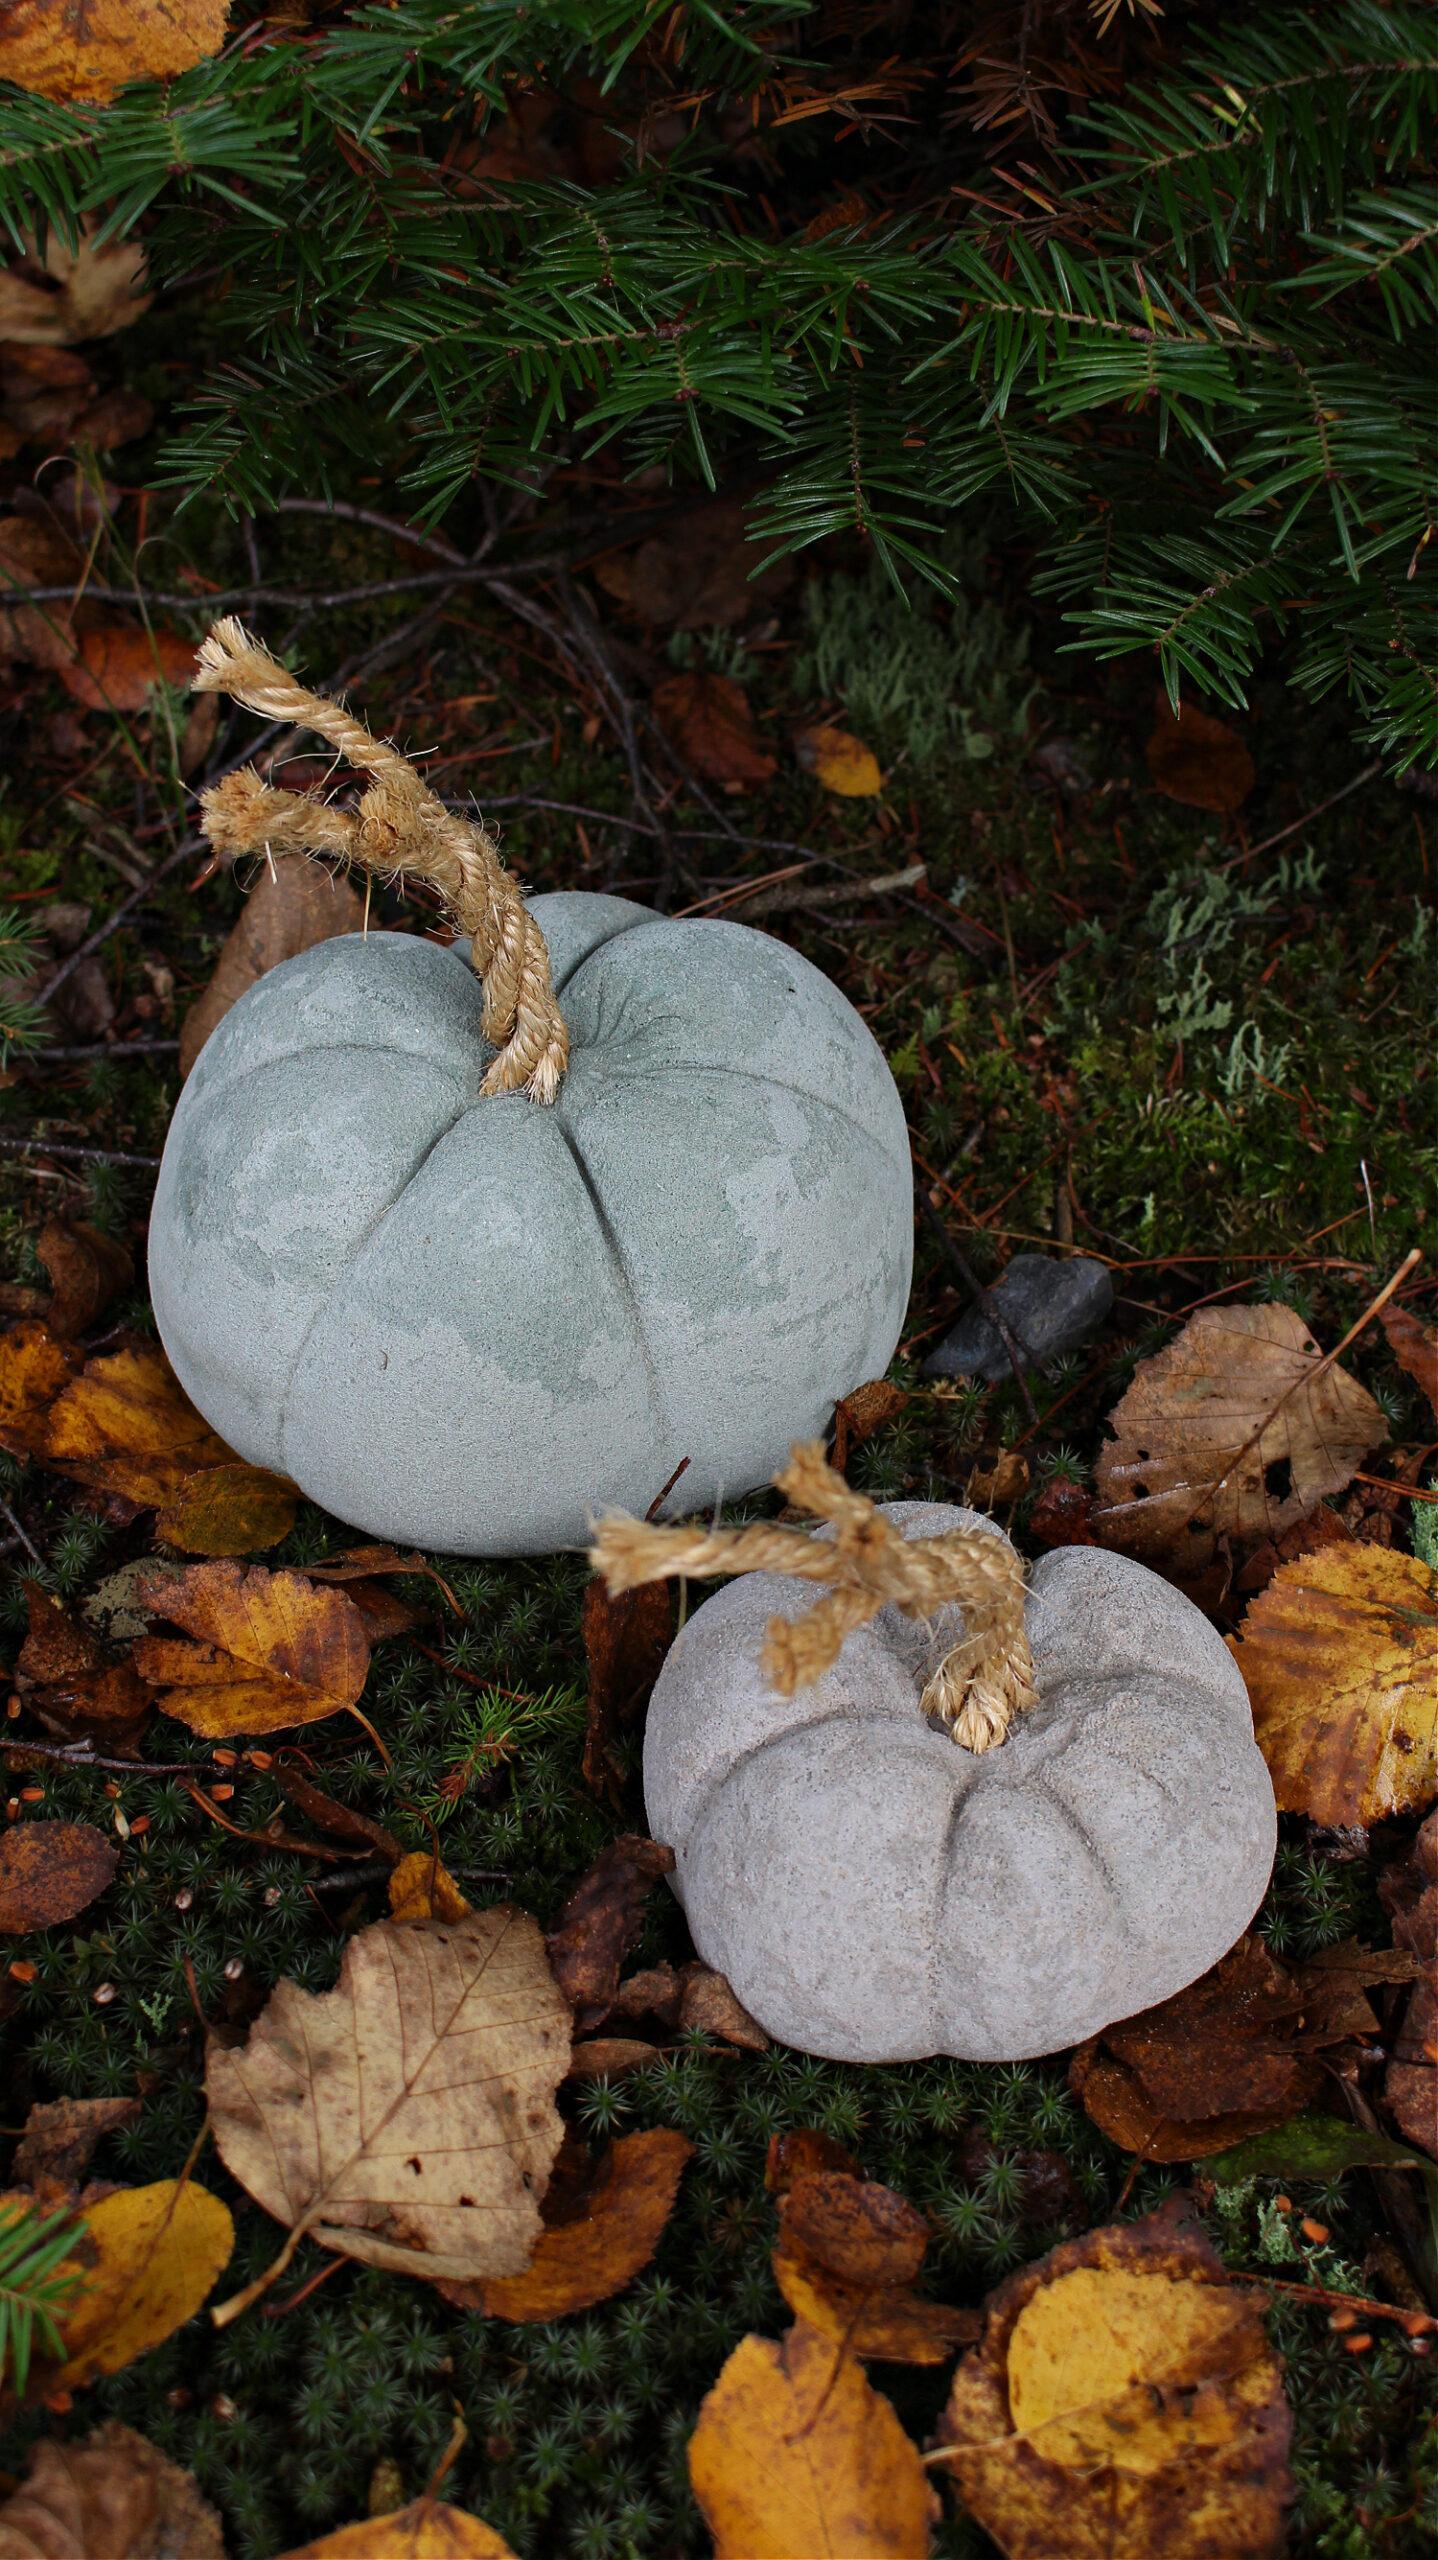 DIY Concrete Pumpkins with Dyed Concrete